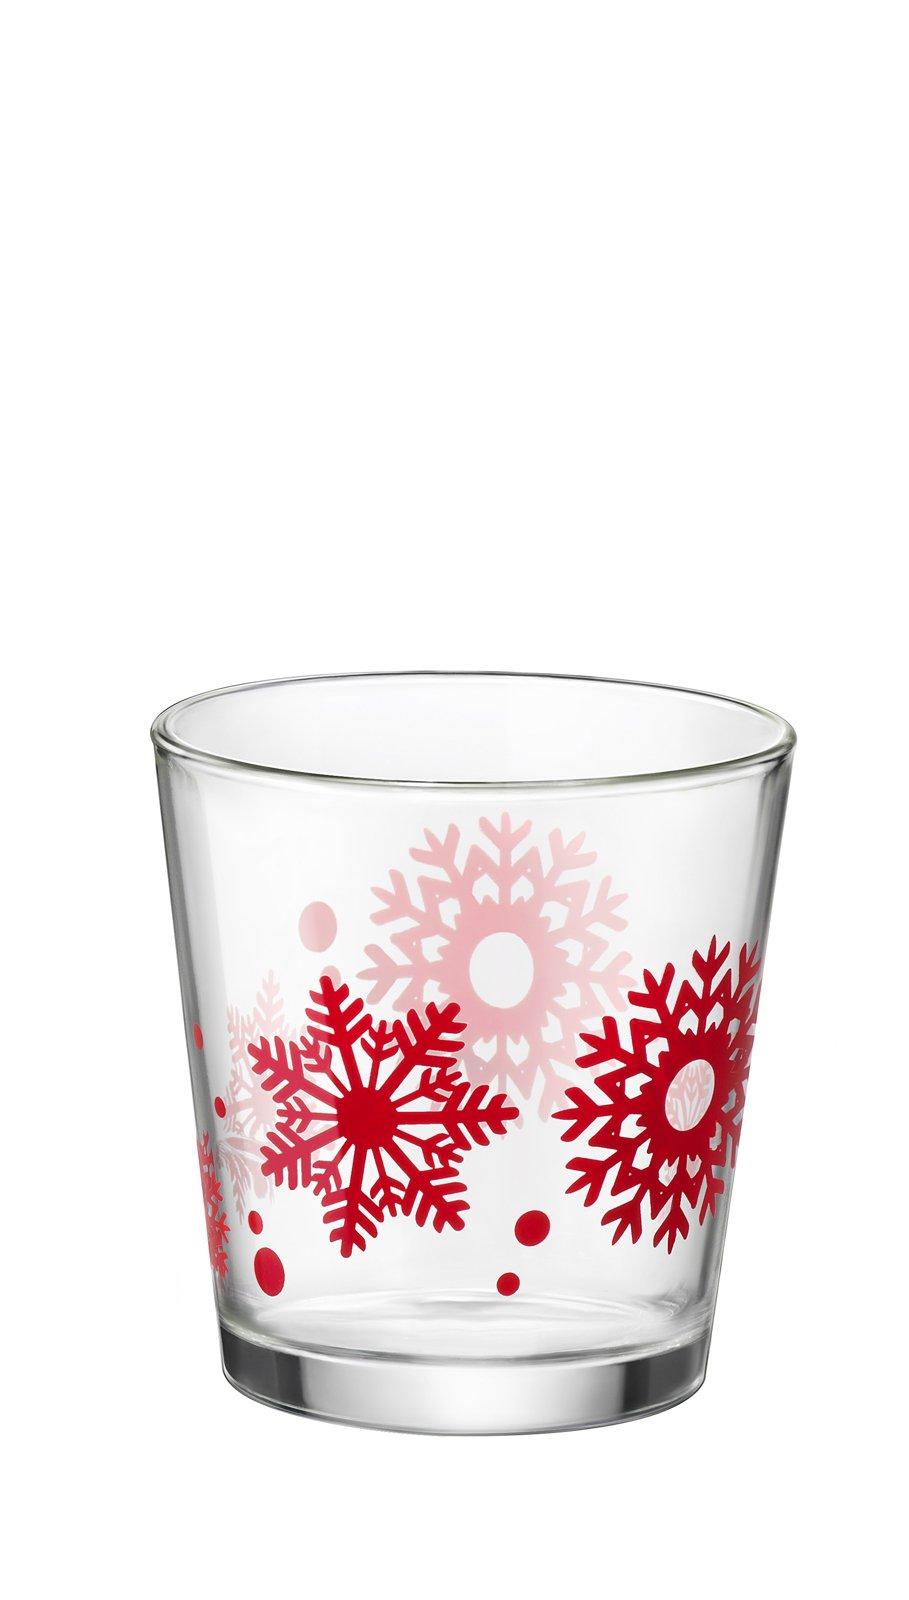 In cucina oggetti e utensili a tema natalizio cose di casa for Oggetti da cucina